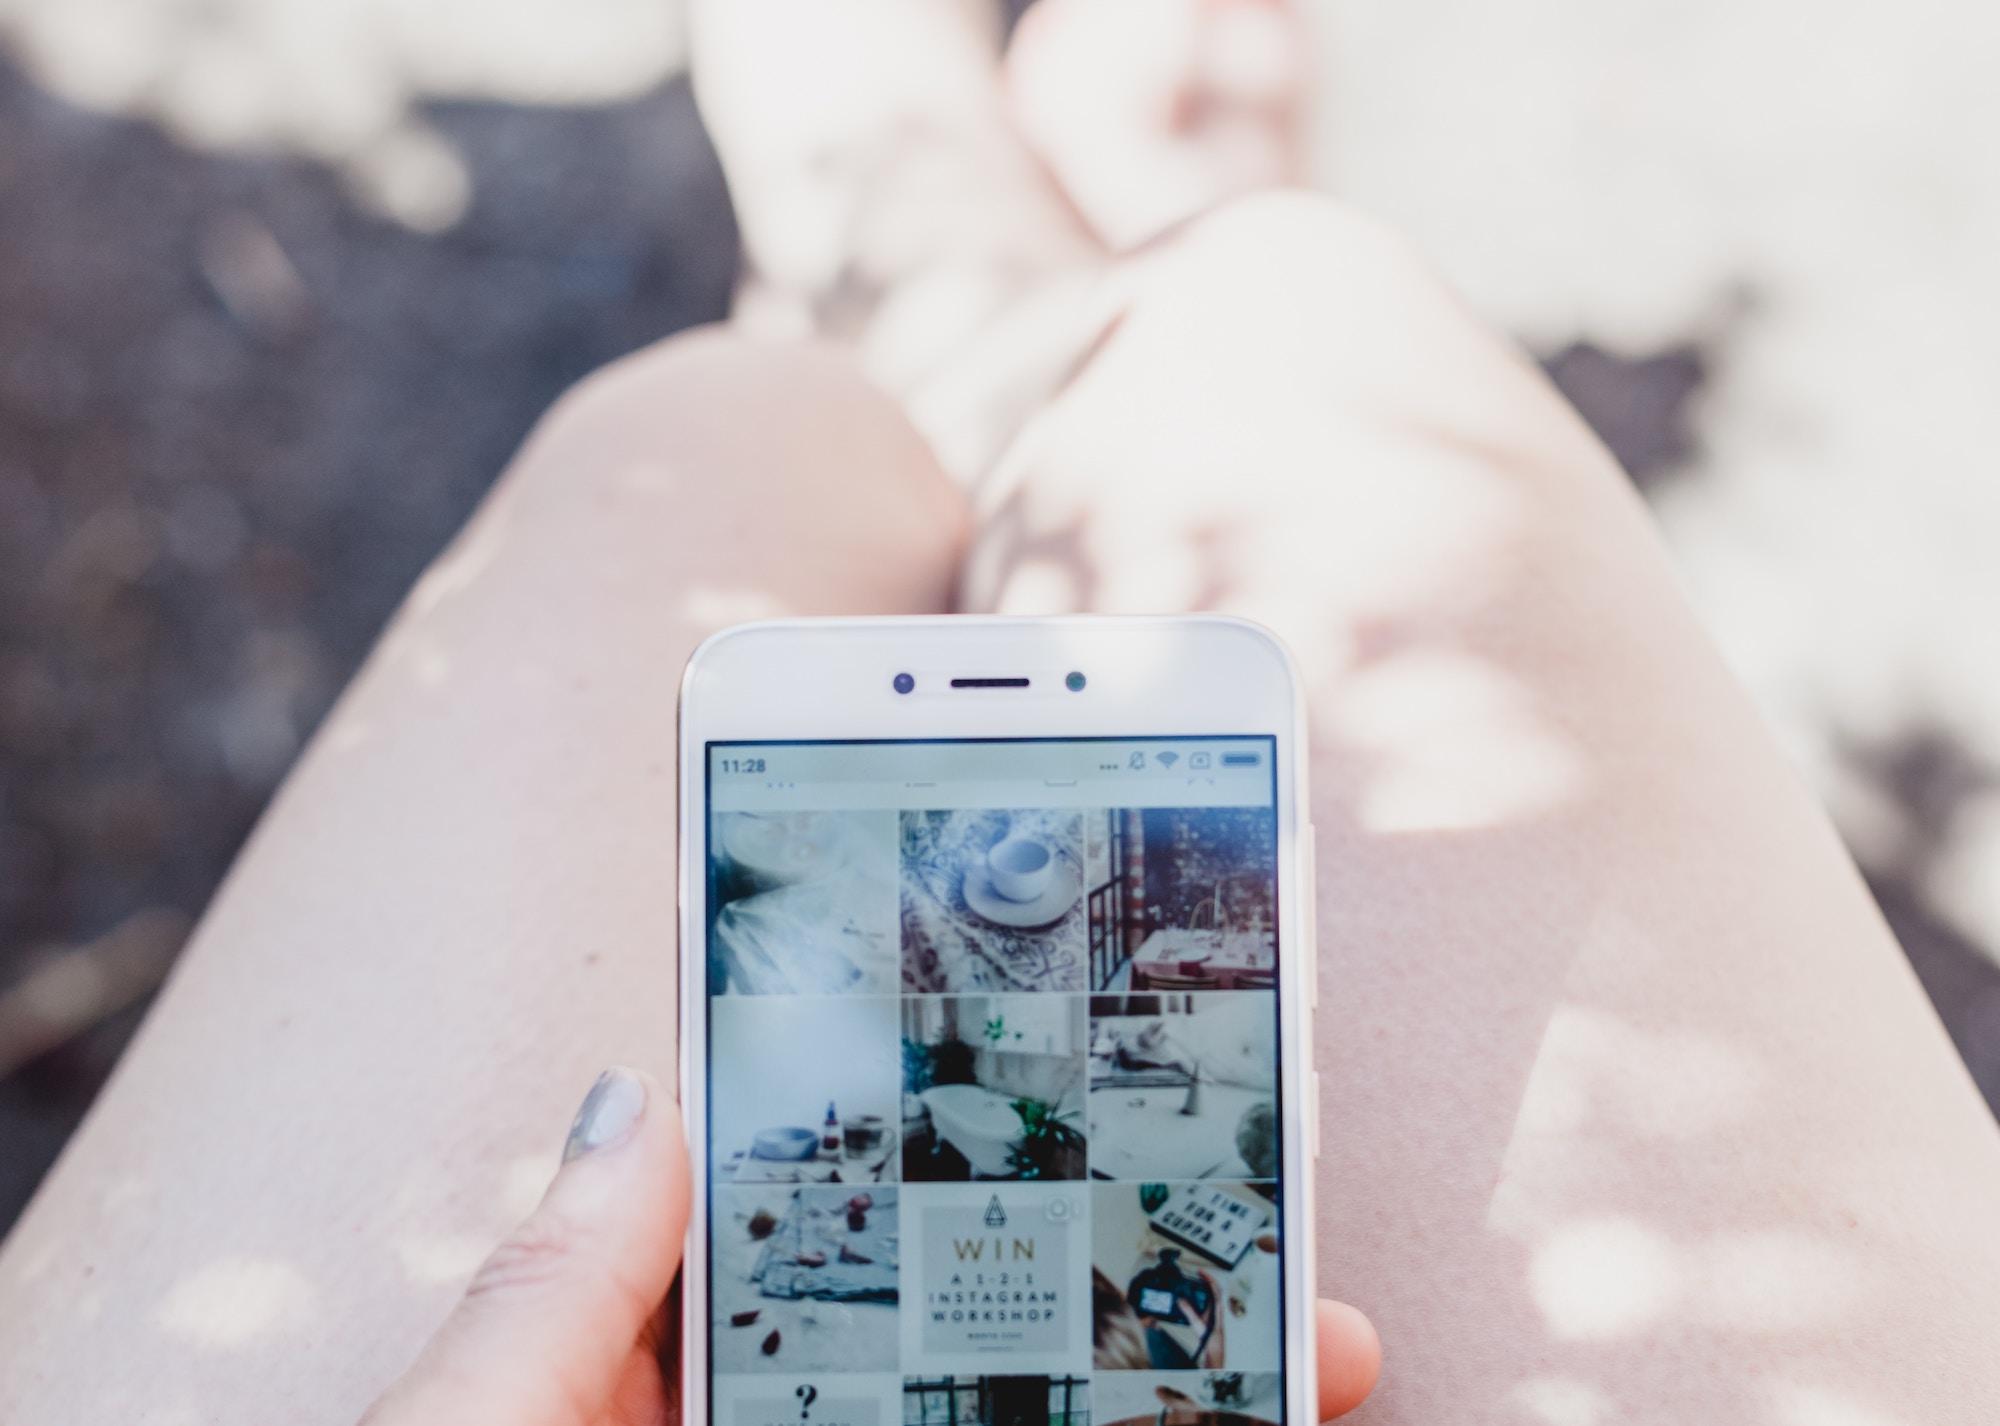 Казка, та не вигадка: Як 27-річна Україна вела власний Instagram